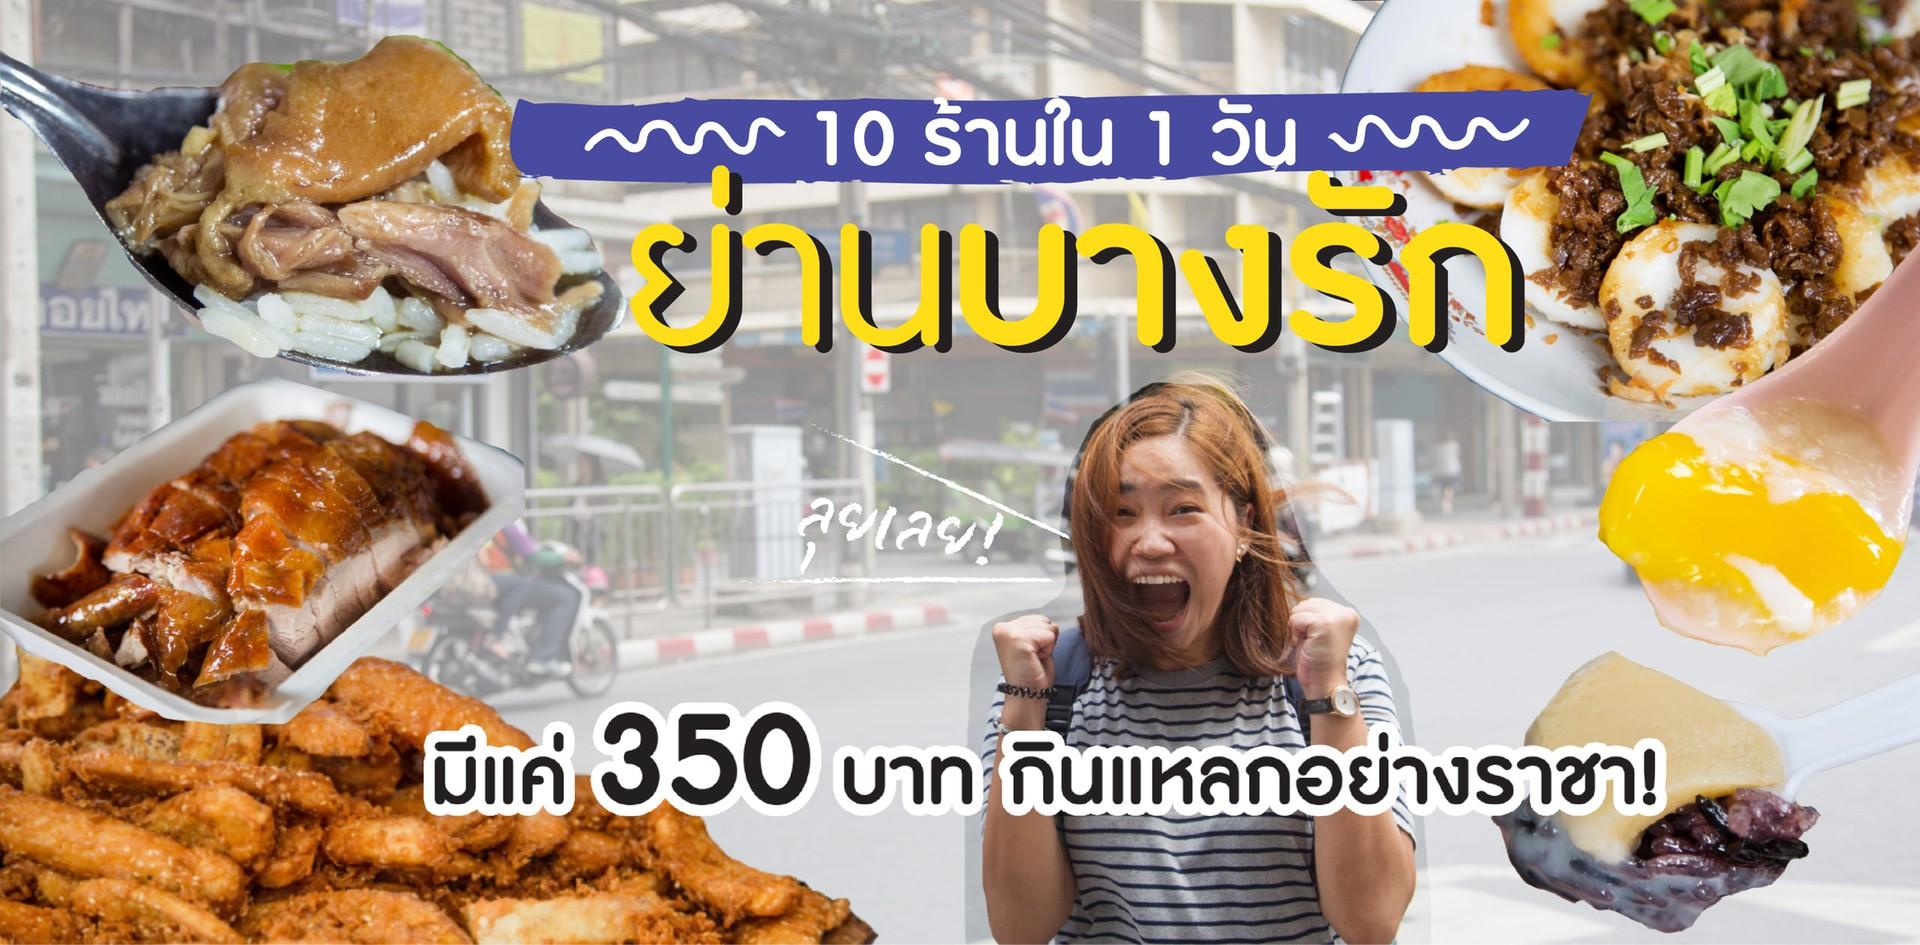 มีเงินแค่ 350 บาท ก็โซ้ยแหลกได้ 10 ร้าน ใน 1 วัน ที่ย่านบางรัก!